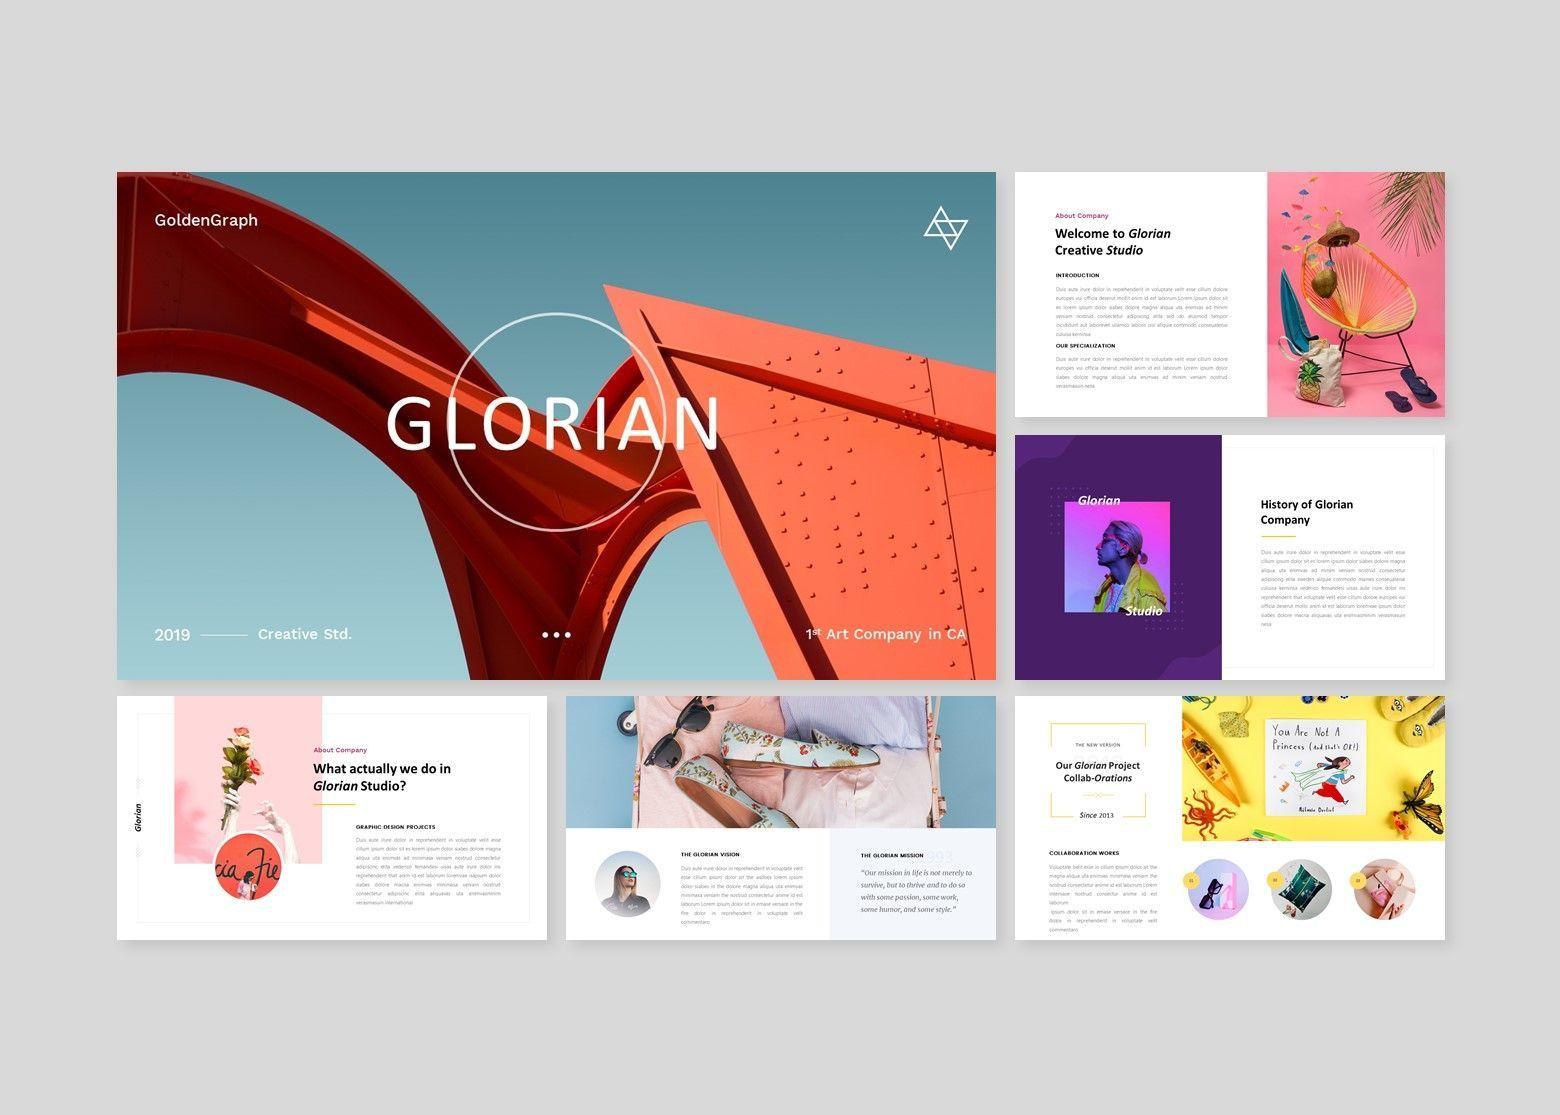 Glorian Creative Business PowerPoint Template, Slide 2, 08115, Business Models — PoweredTemplate.com